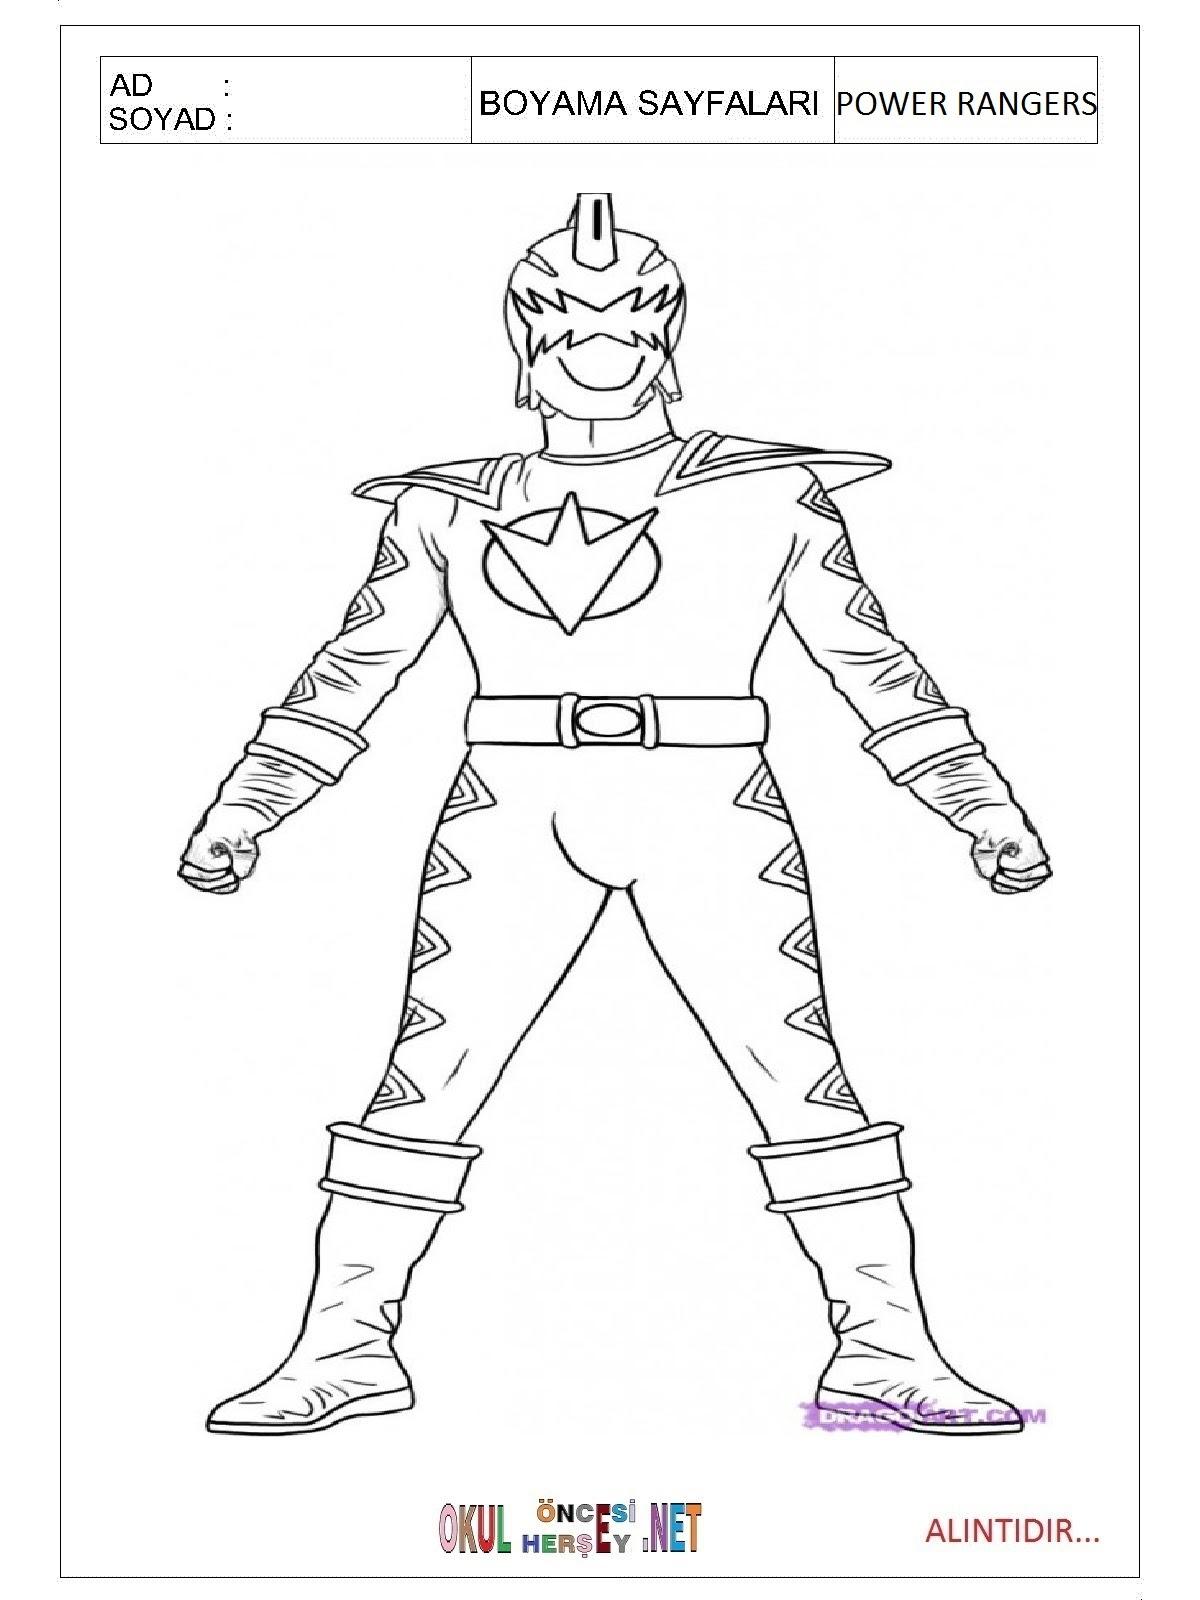 Power Rangers Boyama Sayfaları